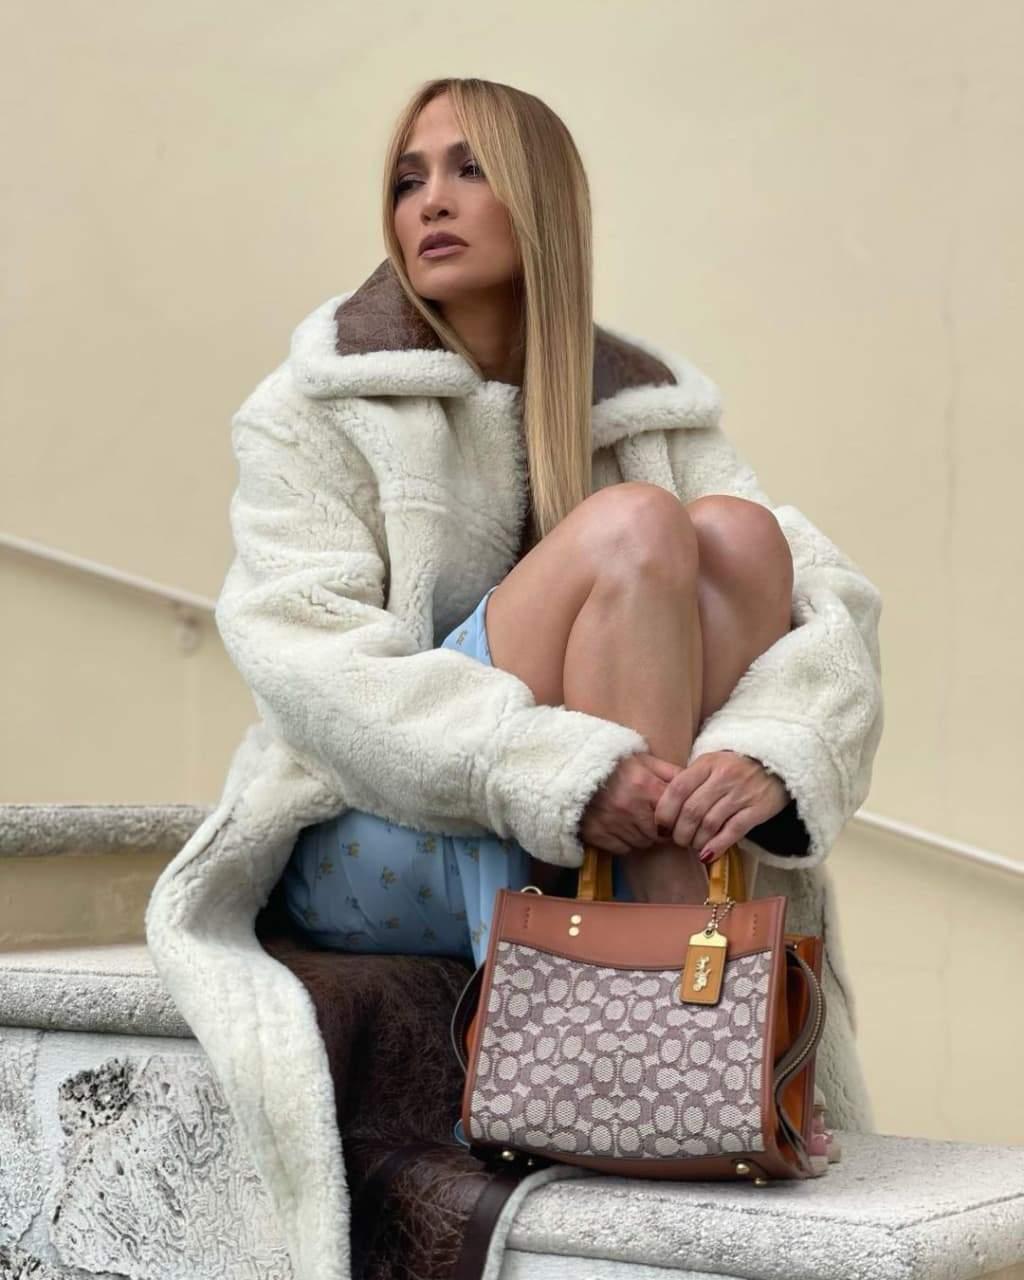 Дженніфер Лопес презентує нову сумку Coach / Фото з інстаграму співачки